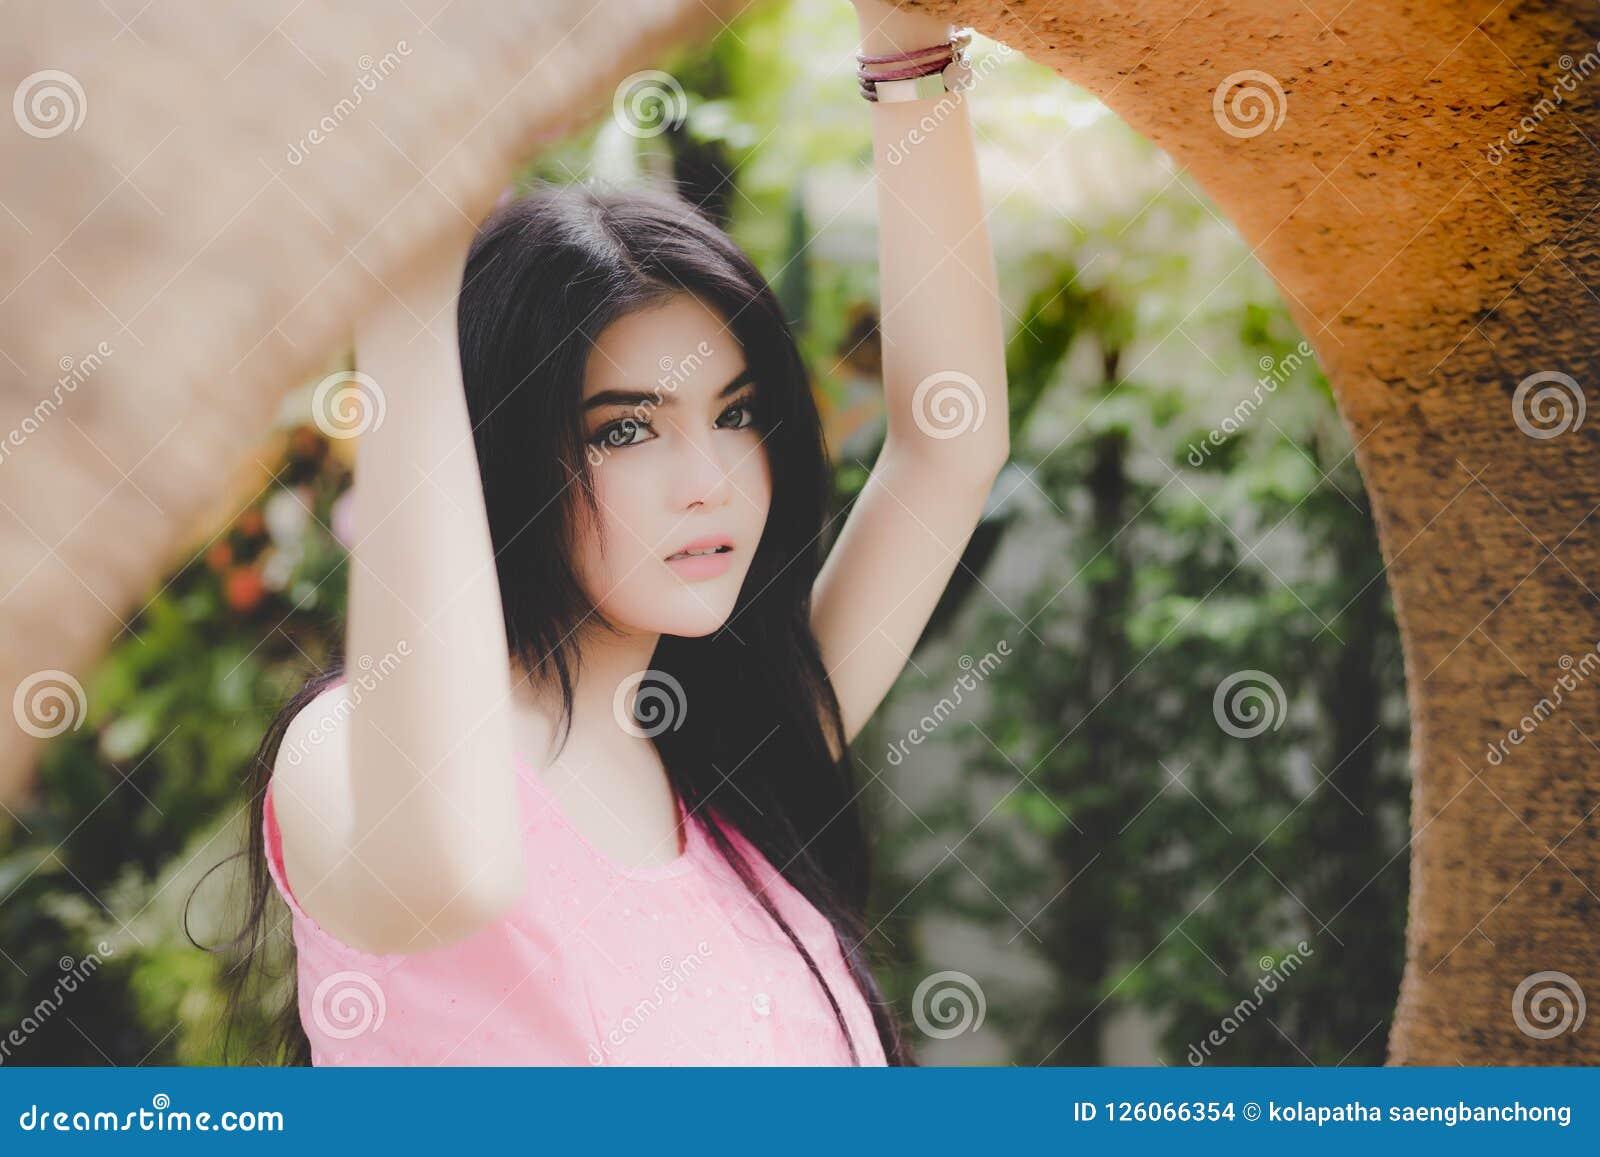 Portret schitterende vrouw Het charmeren van mooie vrouw heeft aantrekkelijk